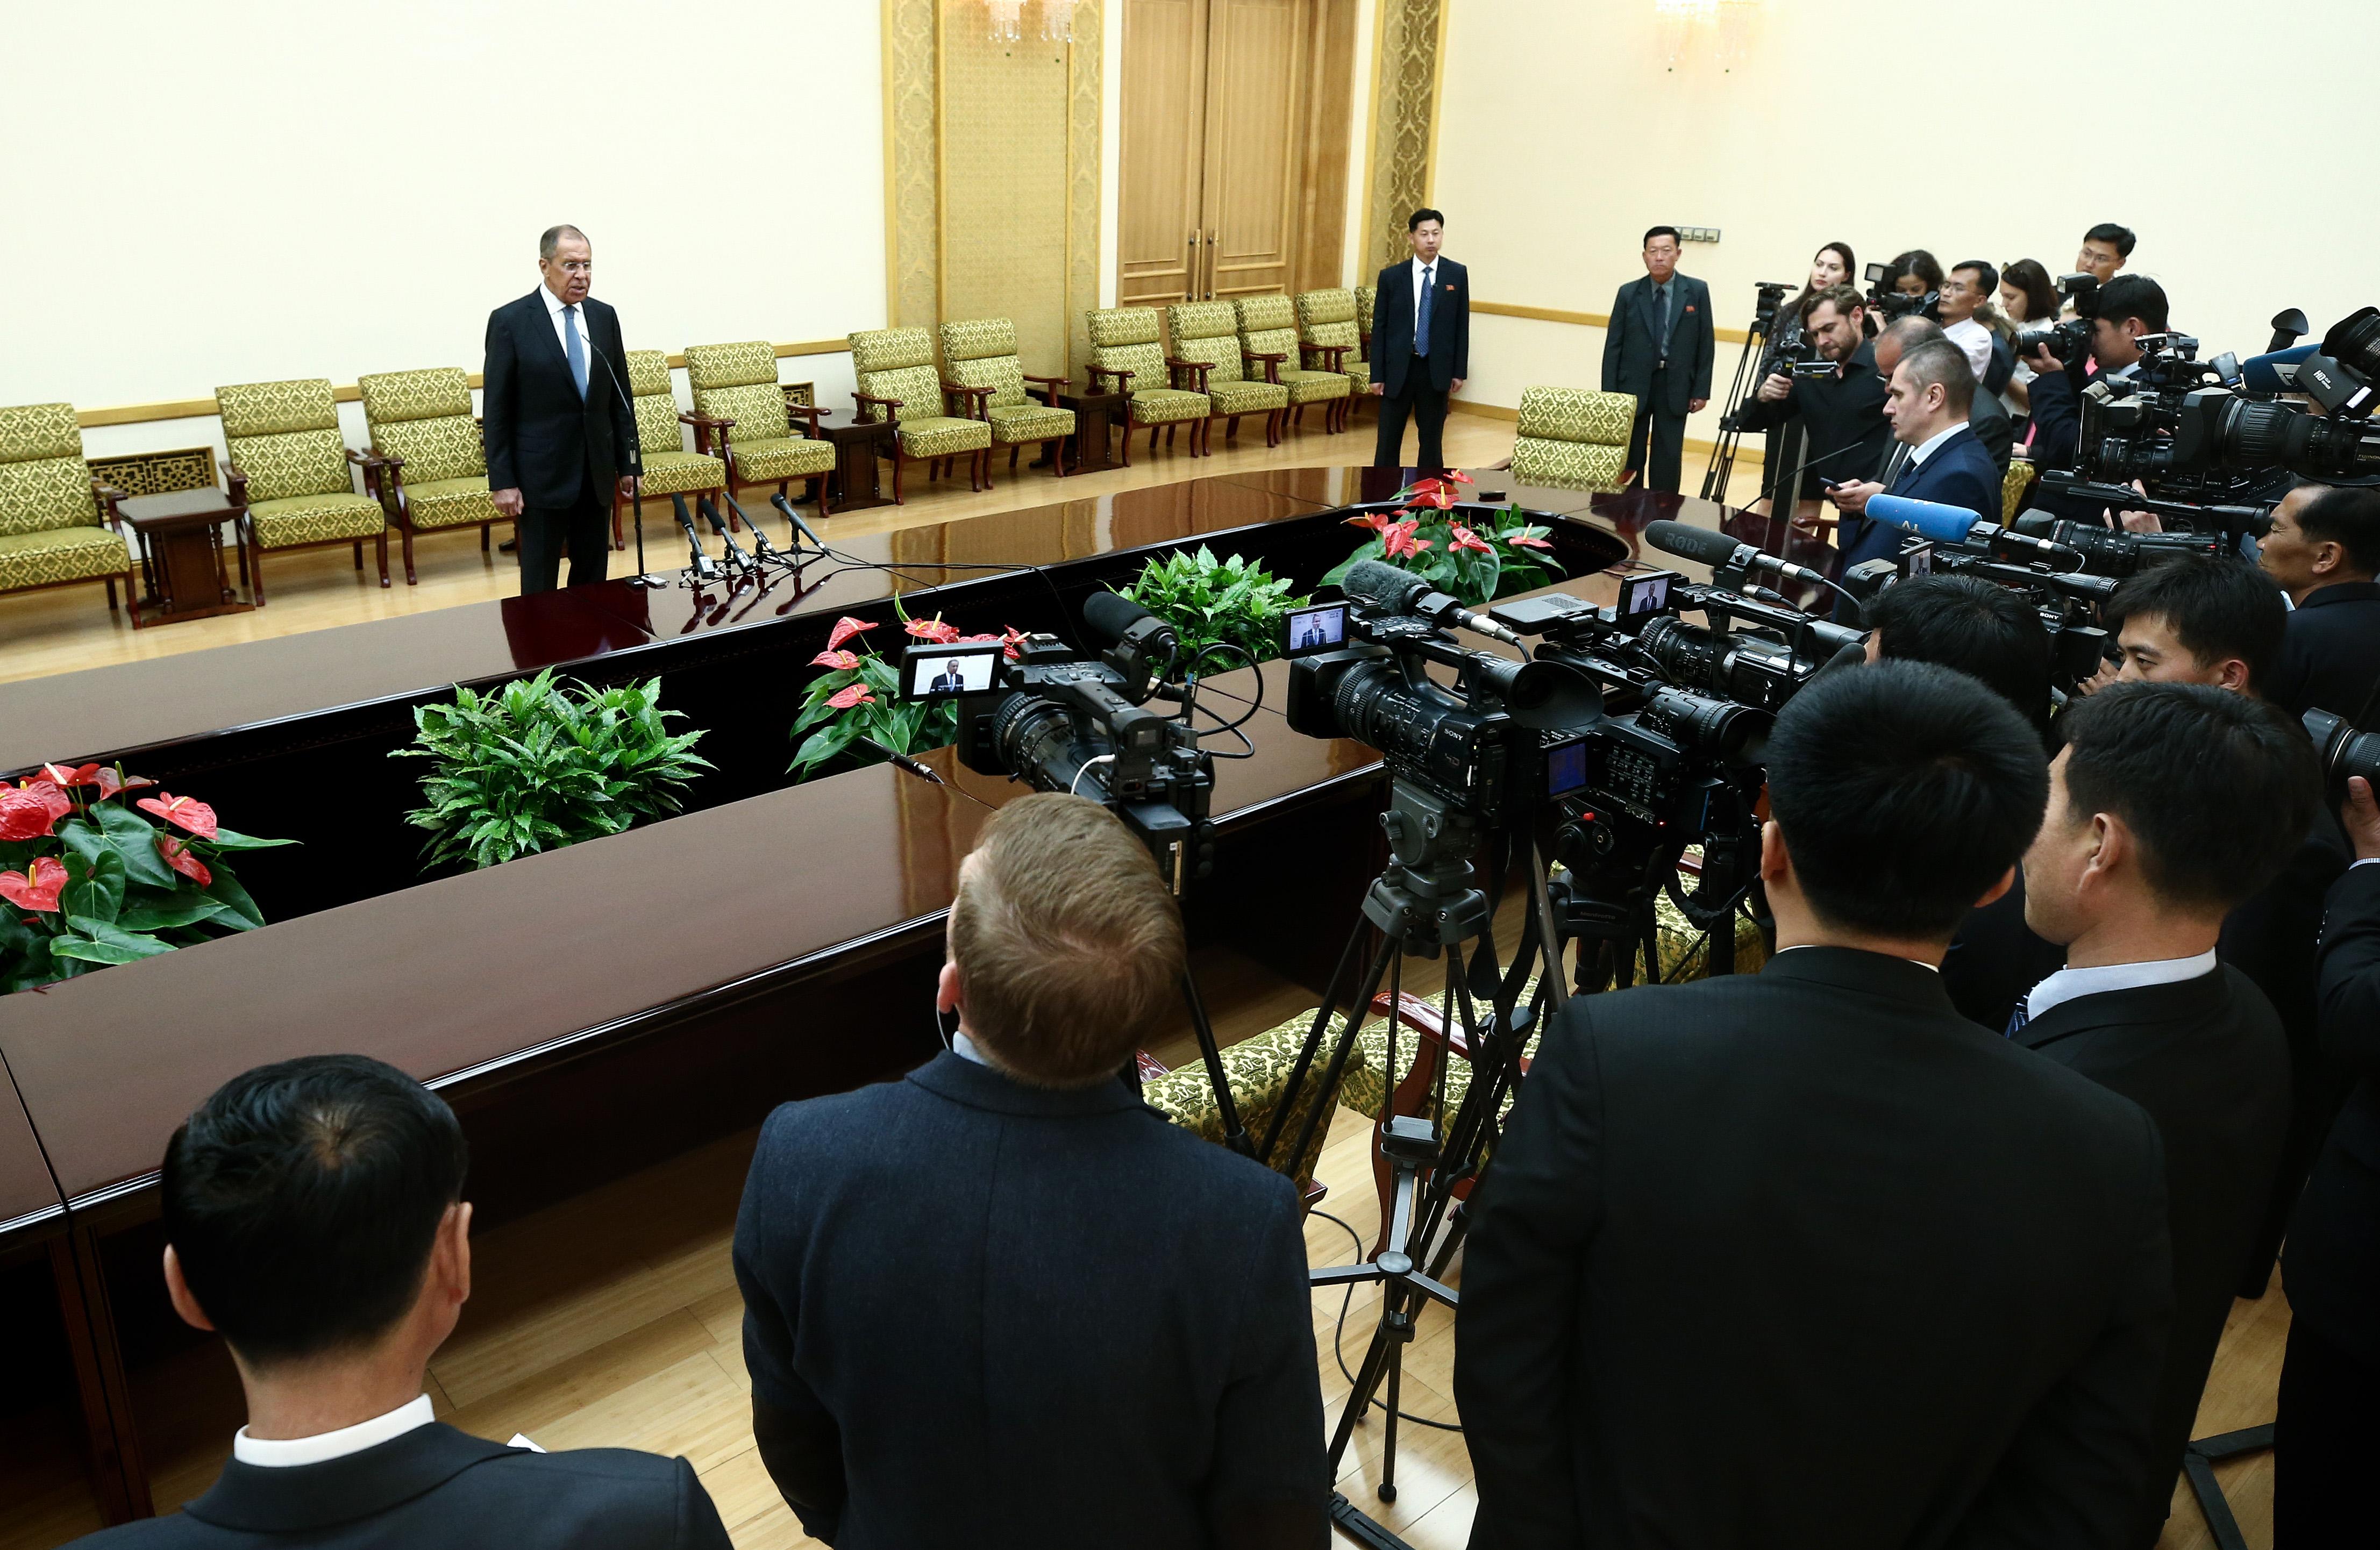 Выступление и ответы на вопросы СМИ С.В.Лаврова по итогам переговоров с Министром иностранных дел КНДР Ли Ён Хо, Пхеньян, 31 мая 2018 года